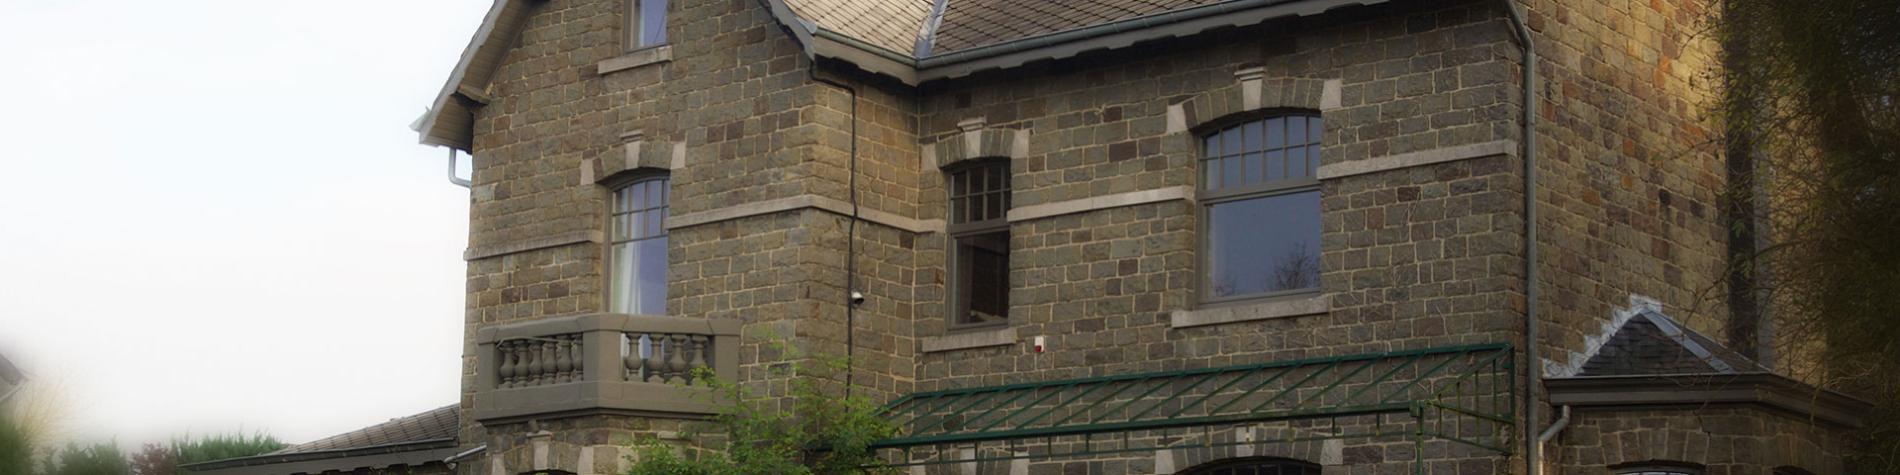 L'Ancienne Poste - Maison d'hôtes - Marche-en-Famenne